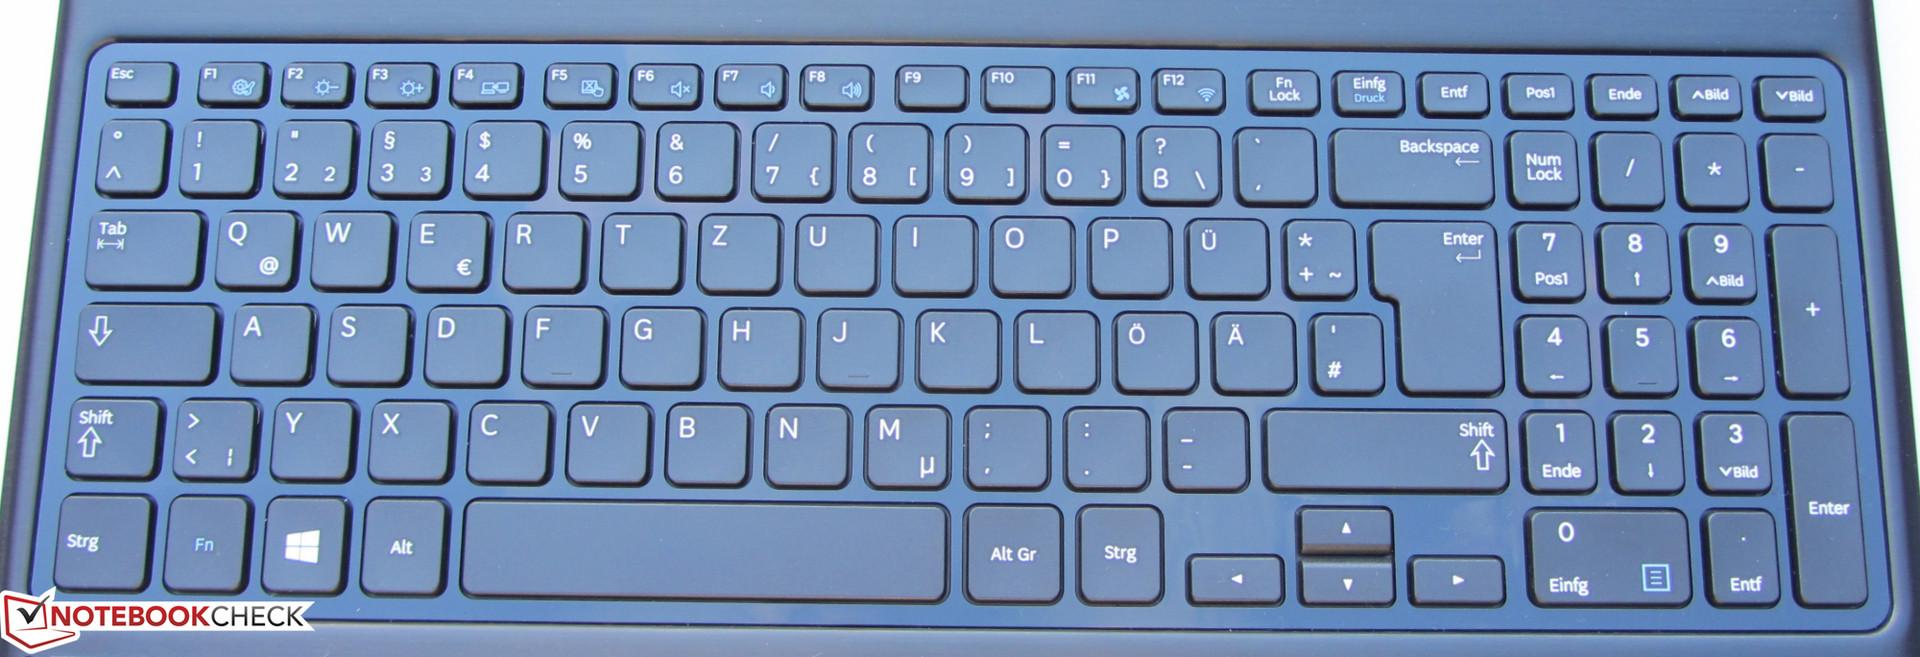 Notebook samsung com teclado numerico - Teclado Sin Iluminaci N